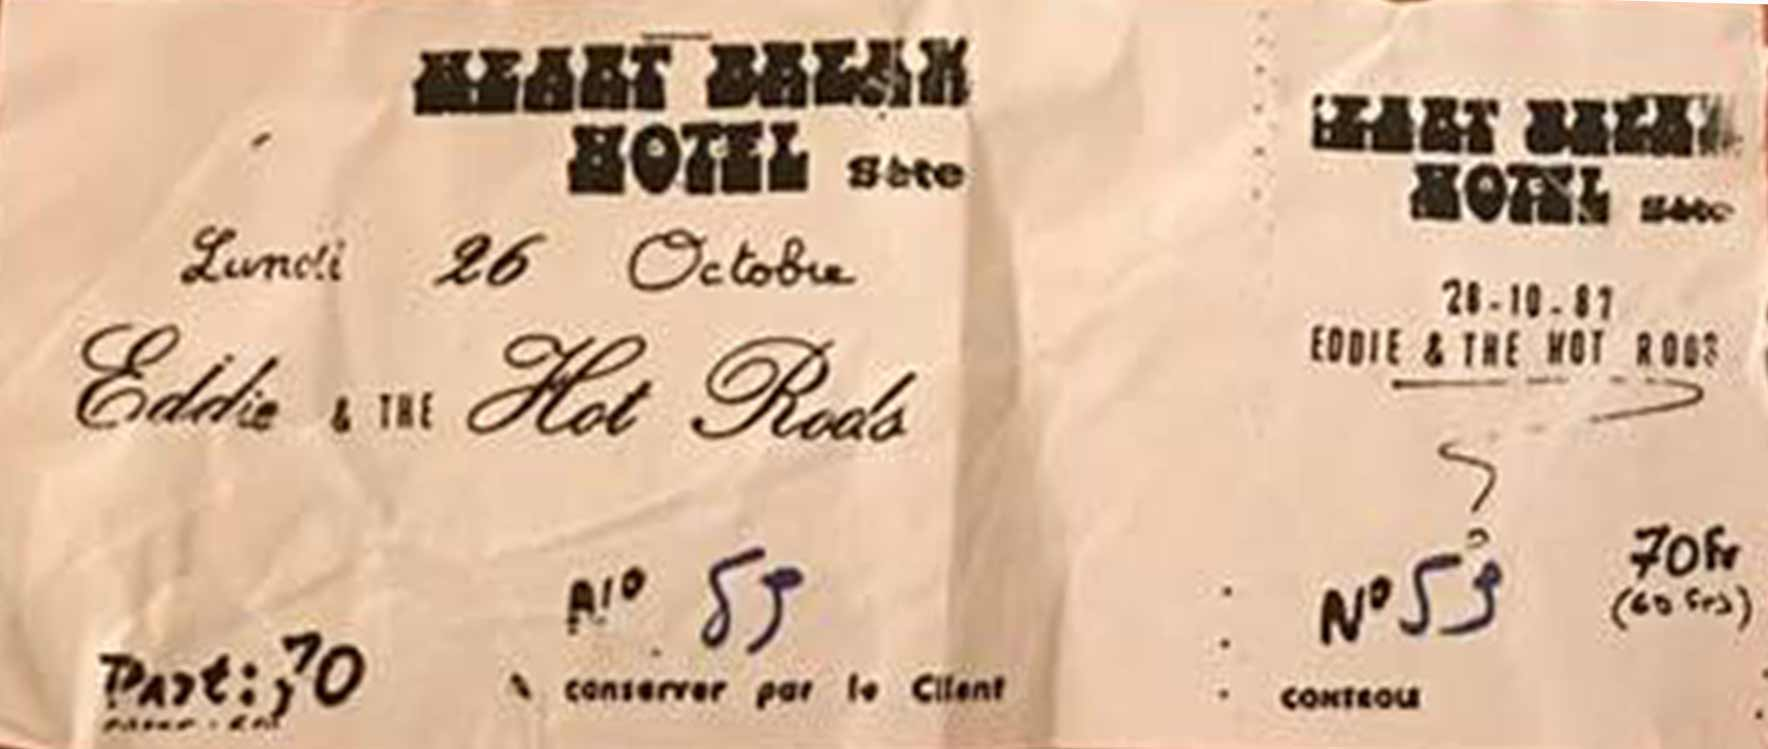 """26 octobre 1987 Eddie & the Hot Rods à Sète """"Heartbreak Hotel"""""""